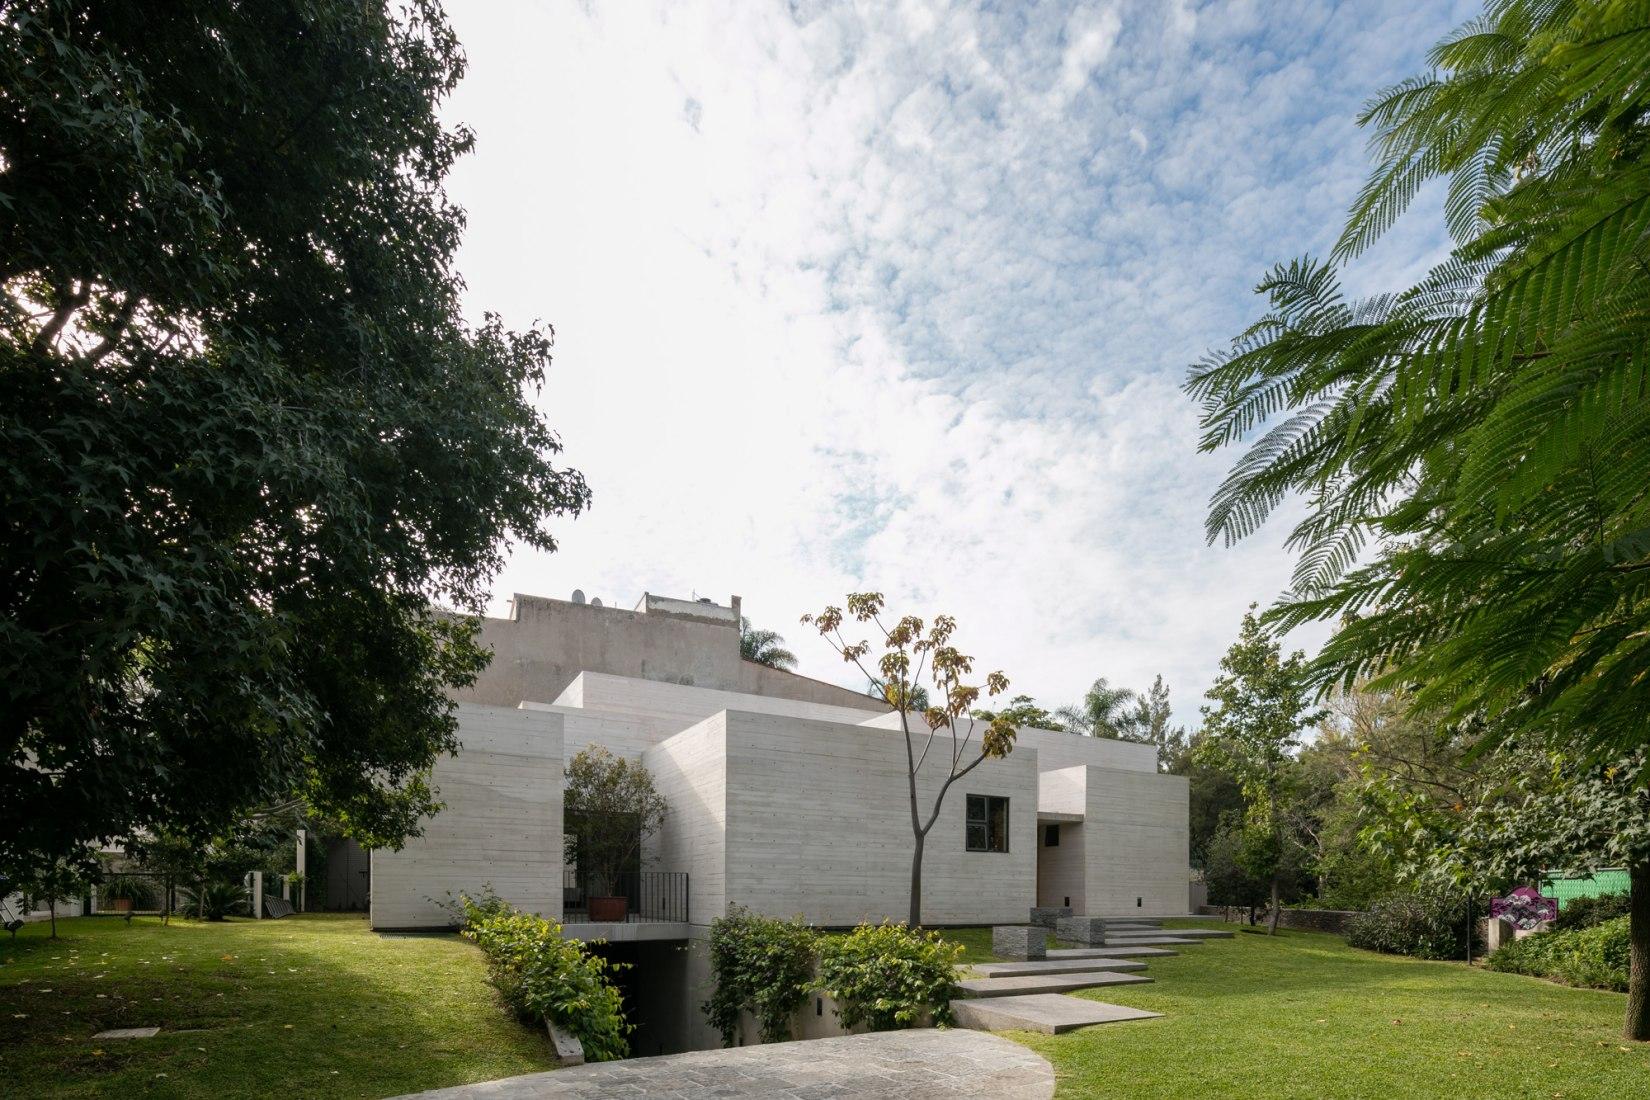 Vista desde el exterior. Casa Acolhúas por SPRB arquitectos. Fotografía © Lorena Darquea